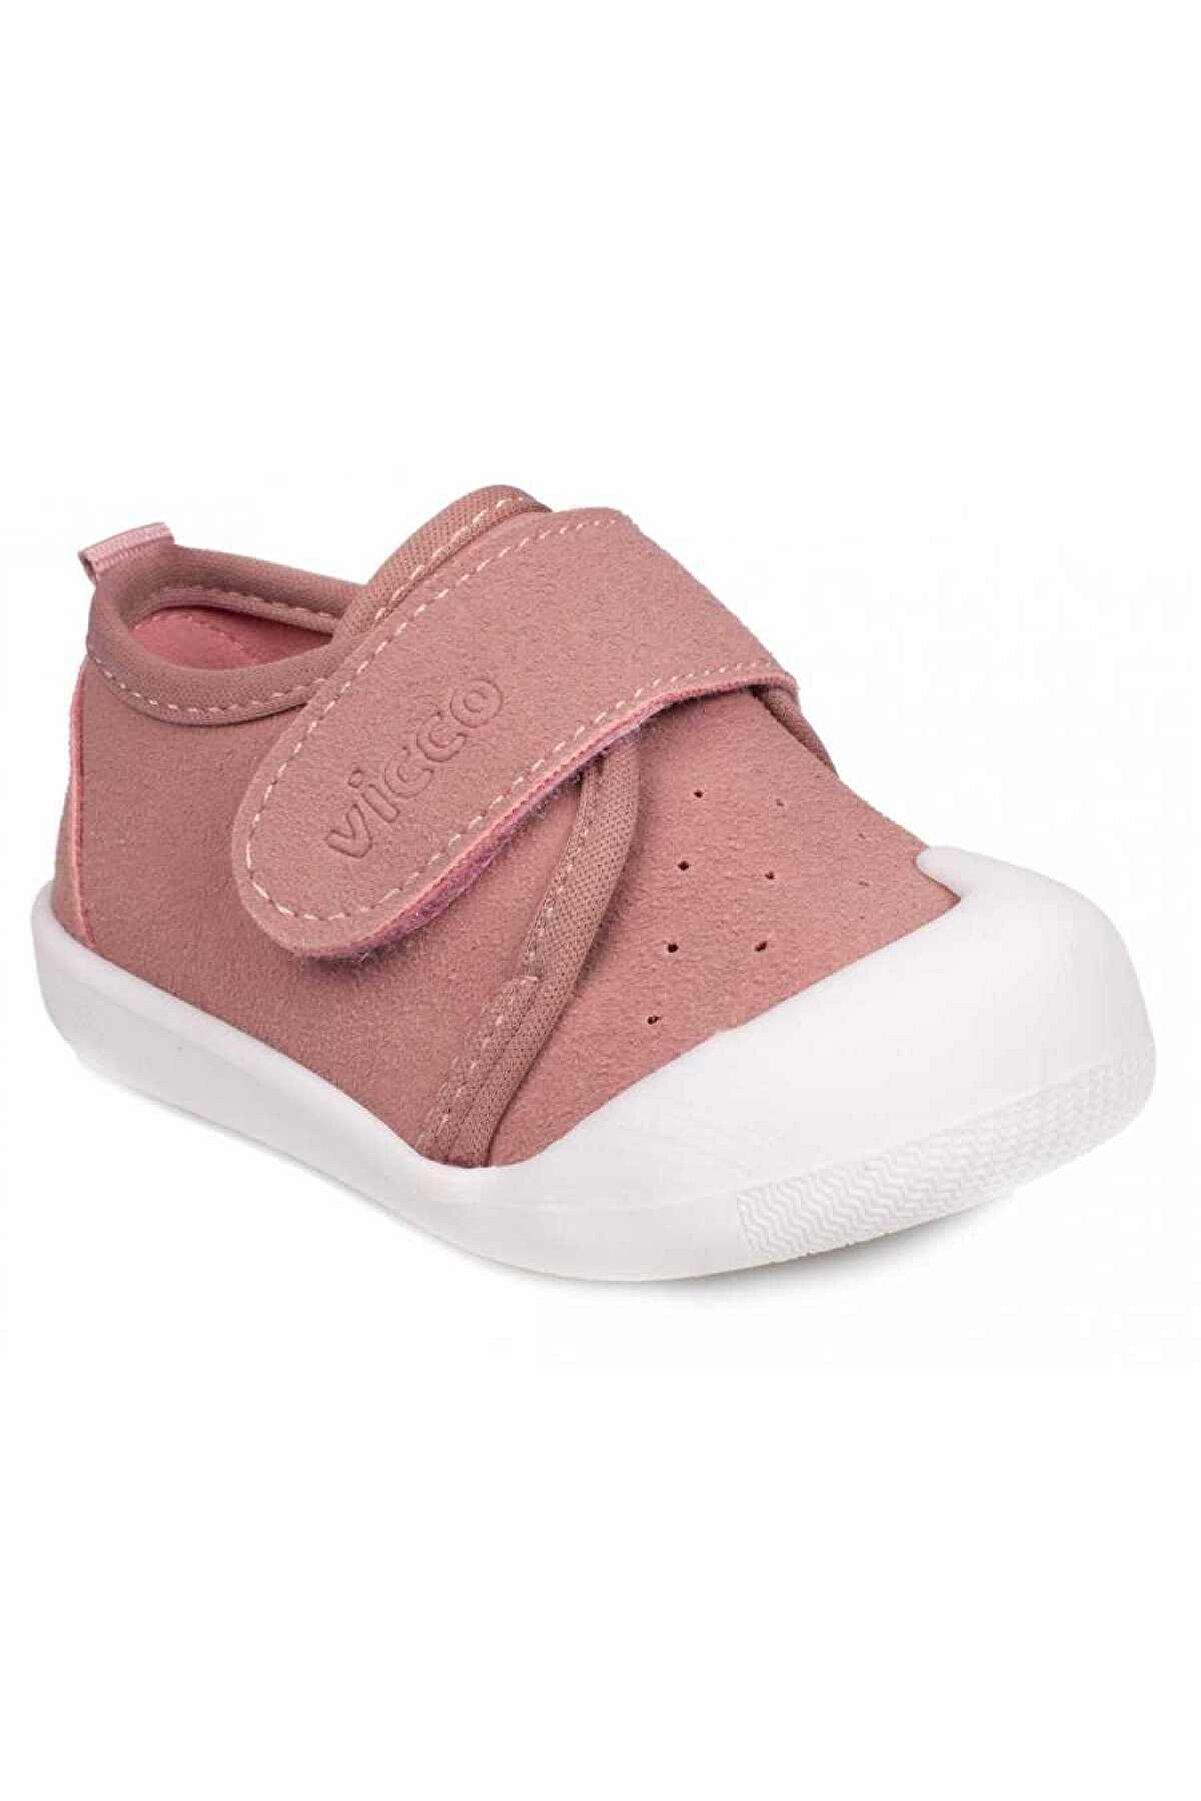 Vicco Unisex Bebek Pembe İlk Adım Ayakkabı